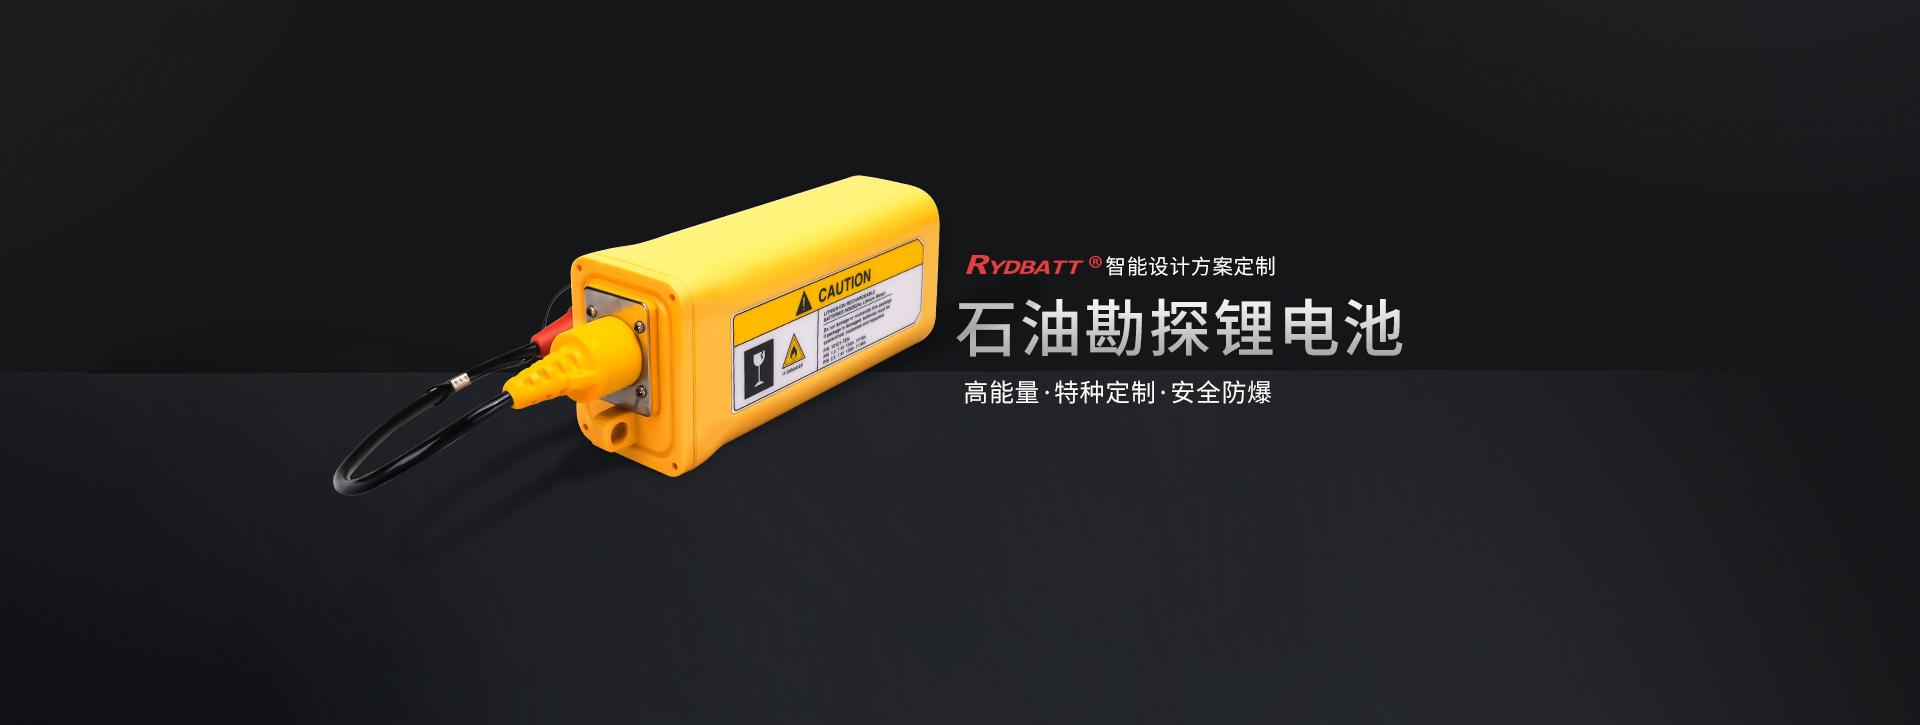 https://www.rydbatt.com/Product/618.html